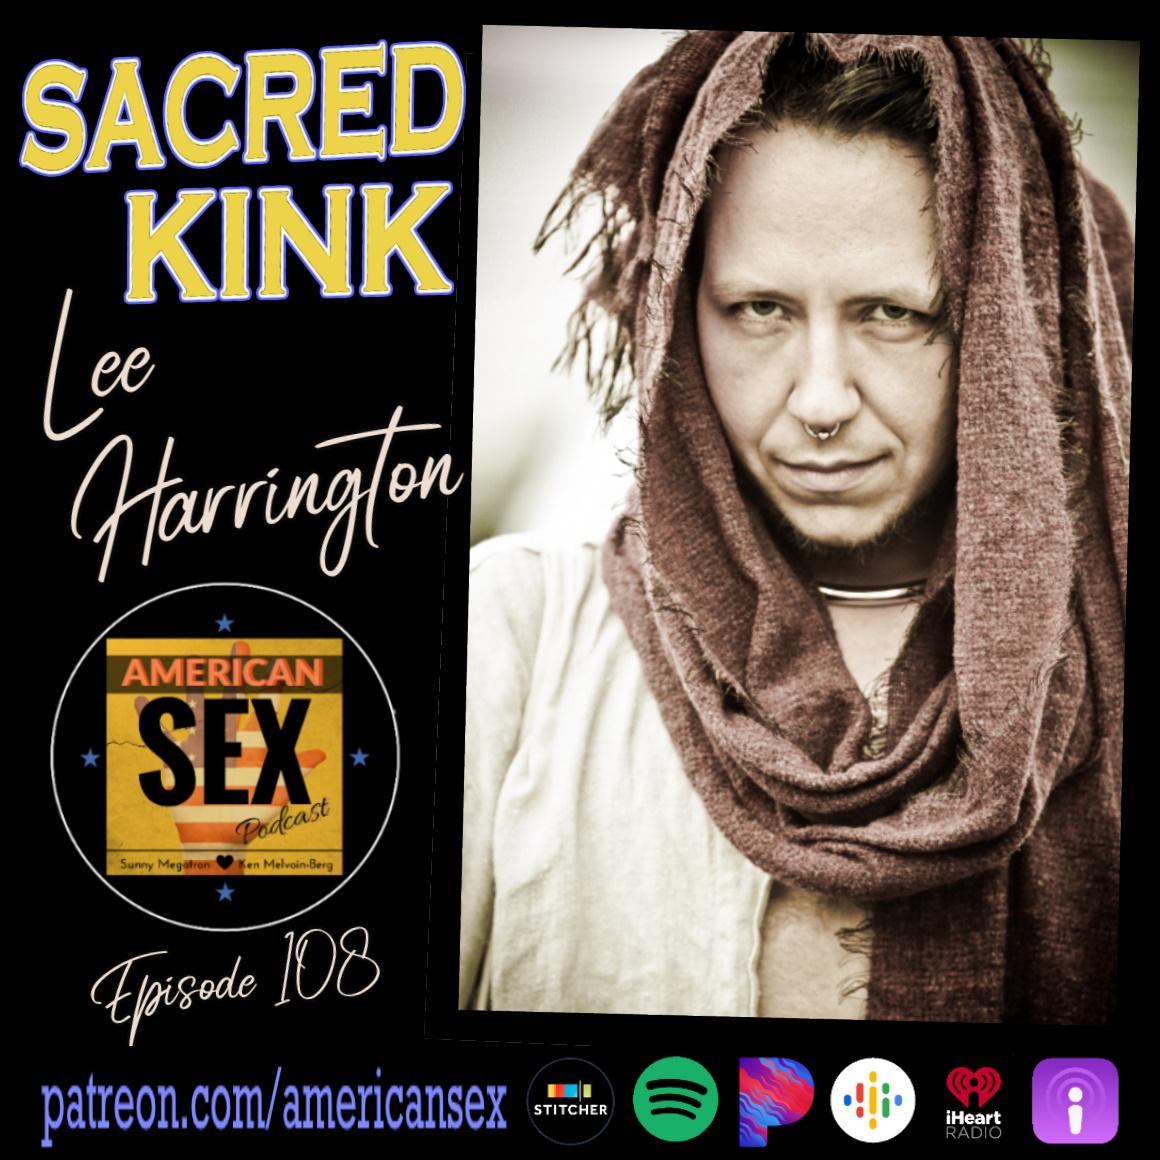 Sacred Kink Lee Harrington